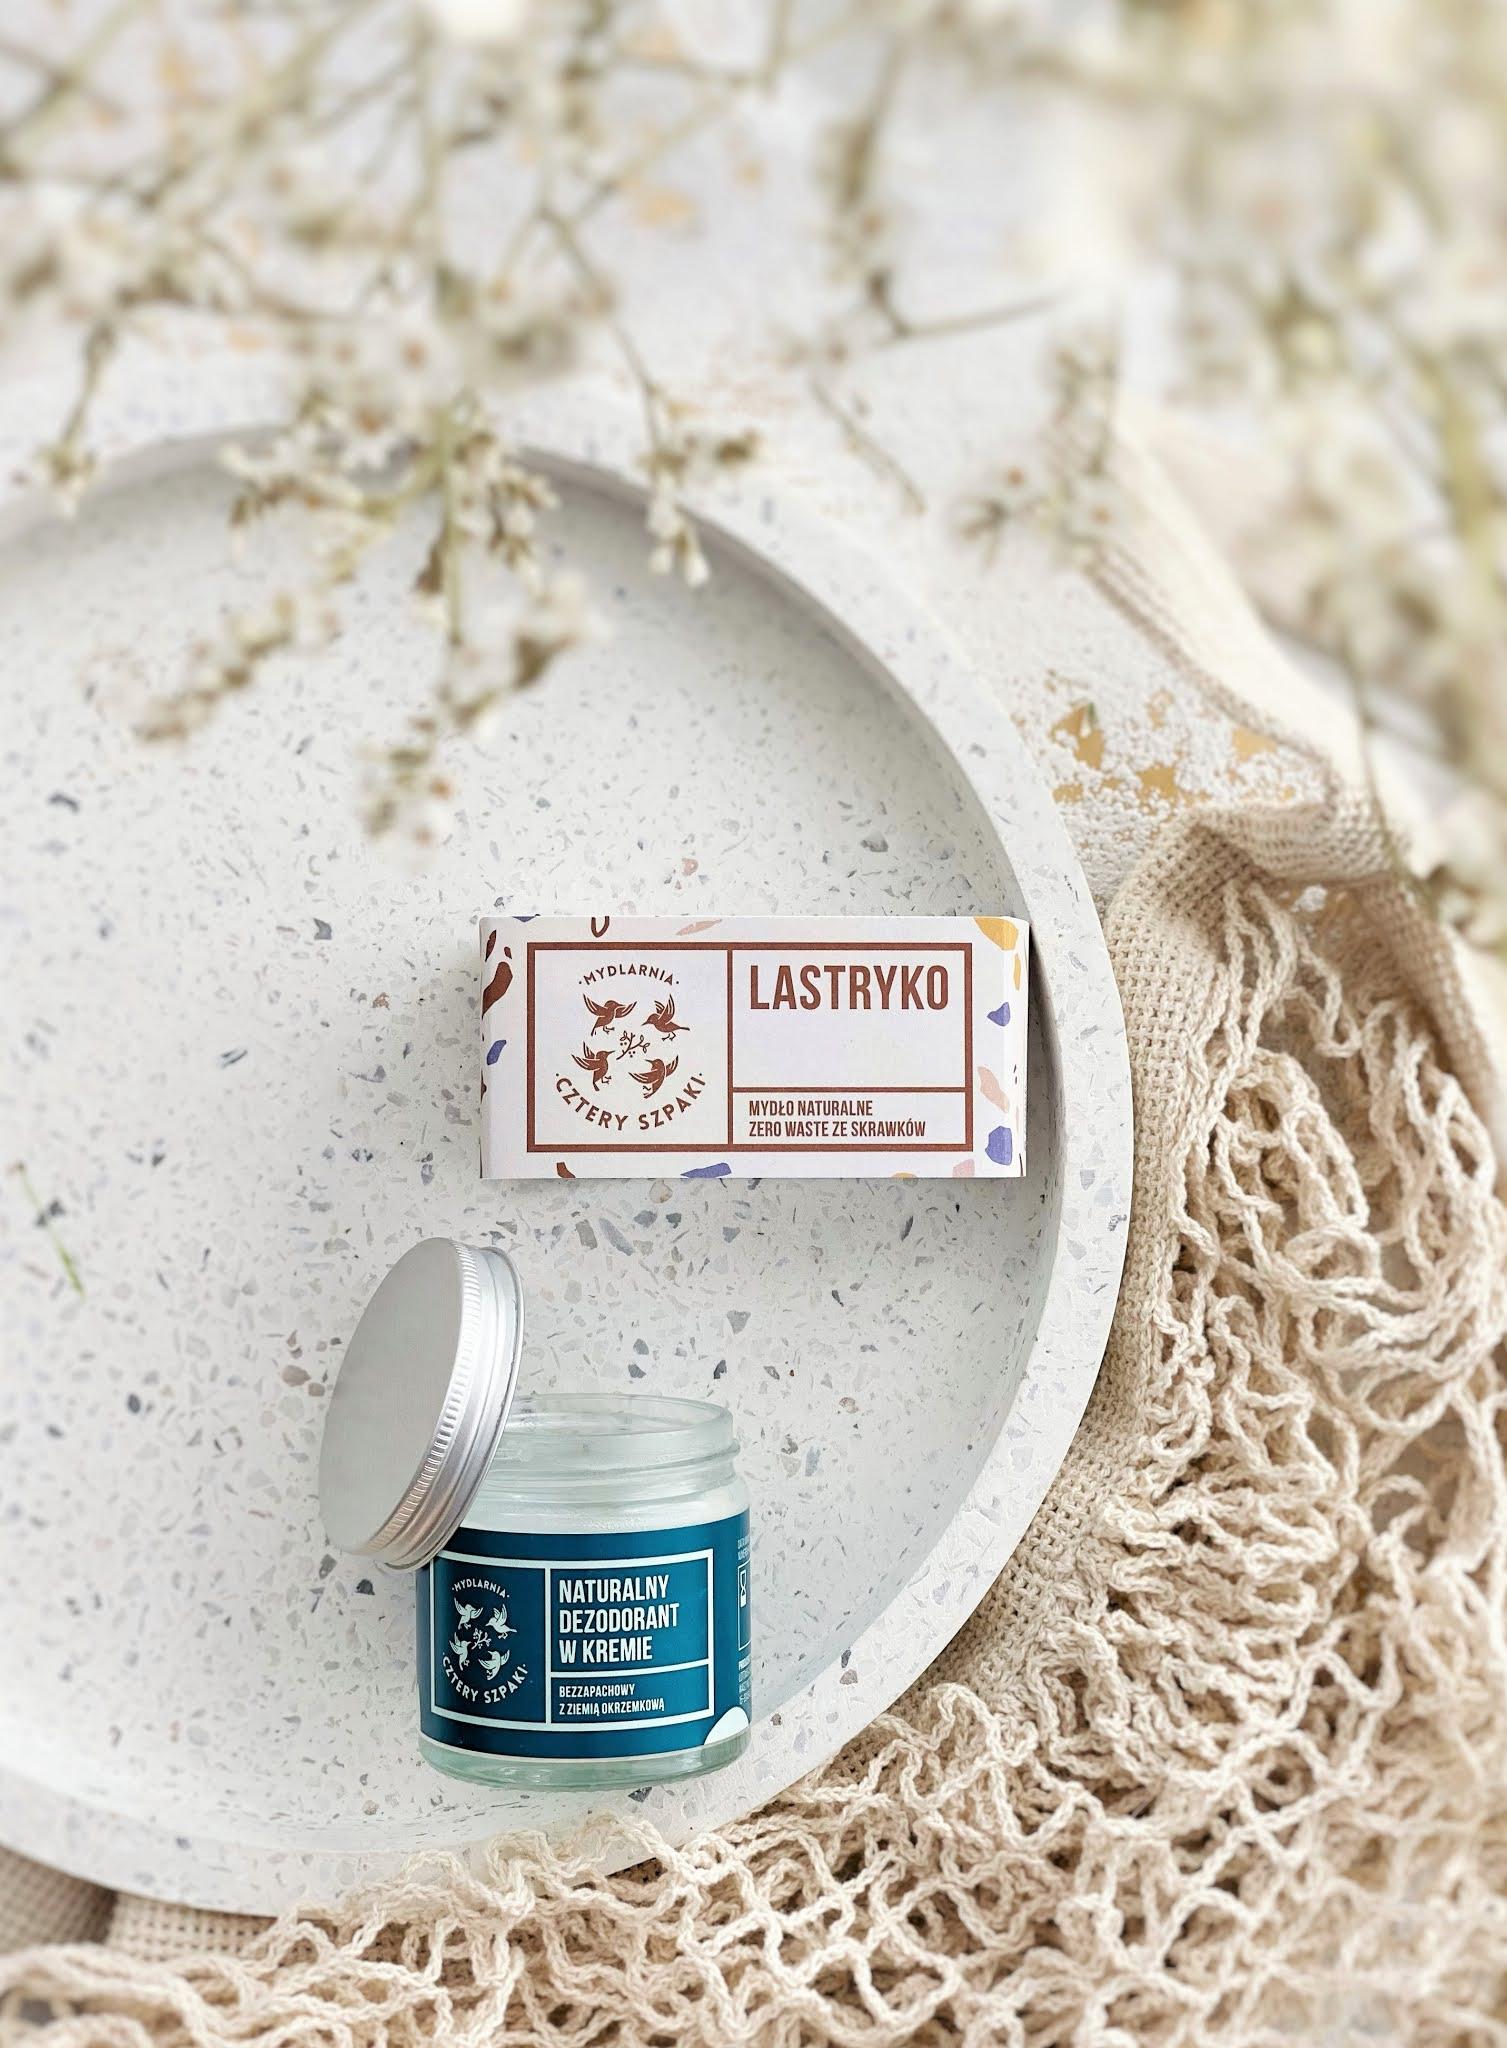 naturalny-dezodorant-w-kremie-4-szpaki